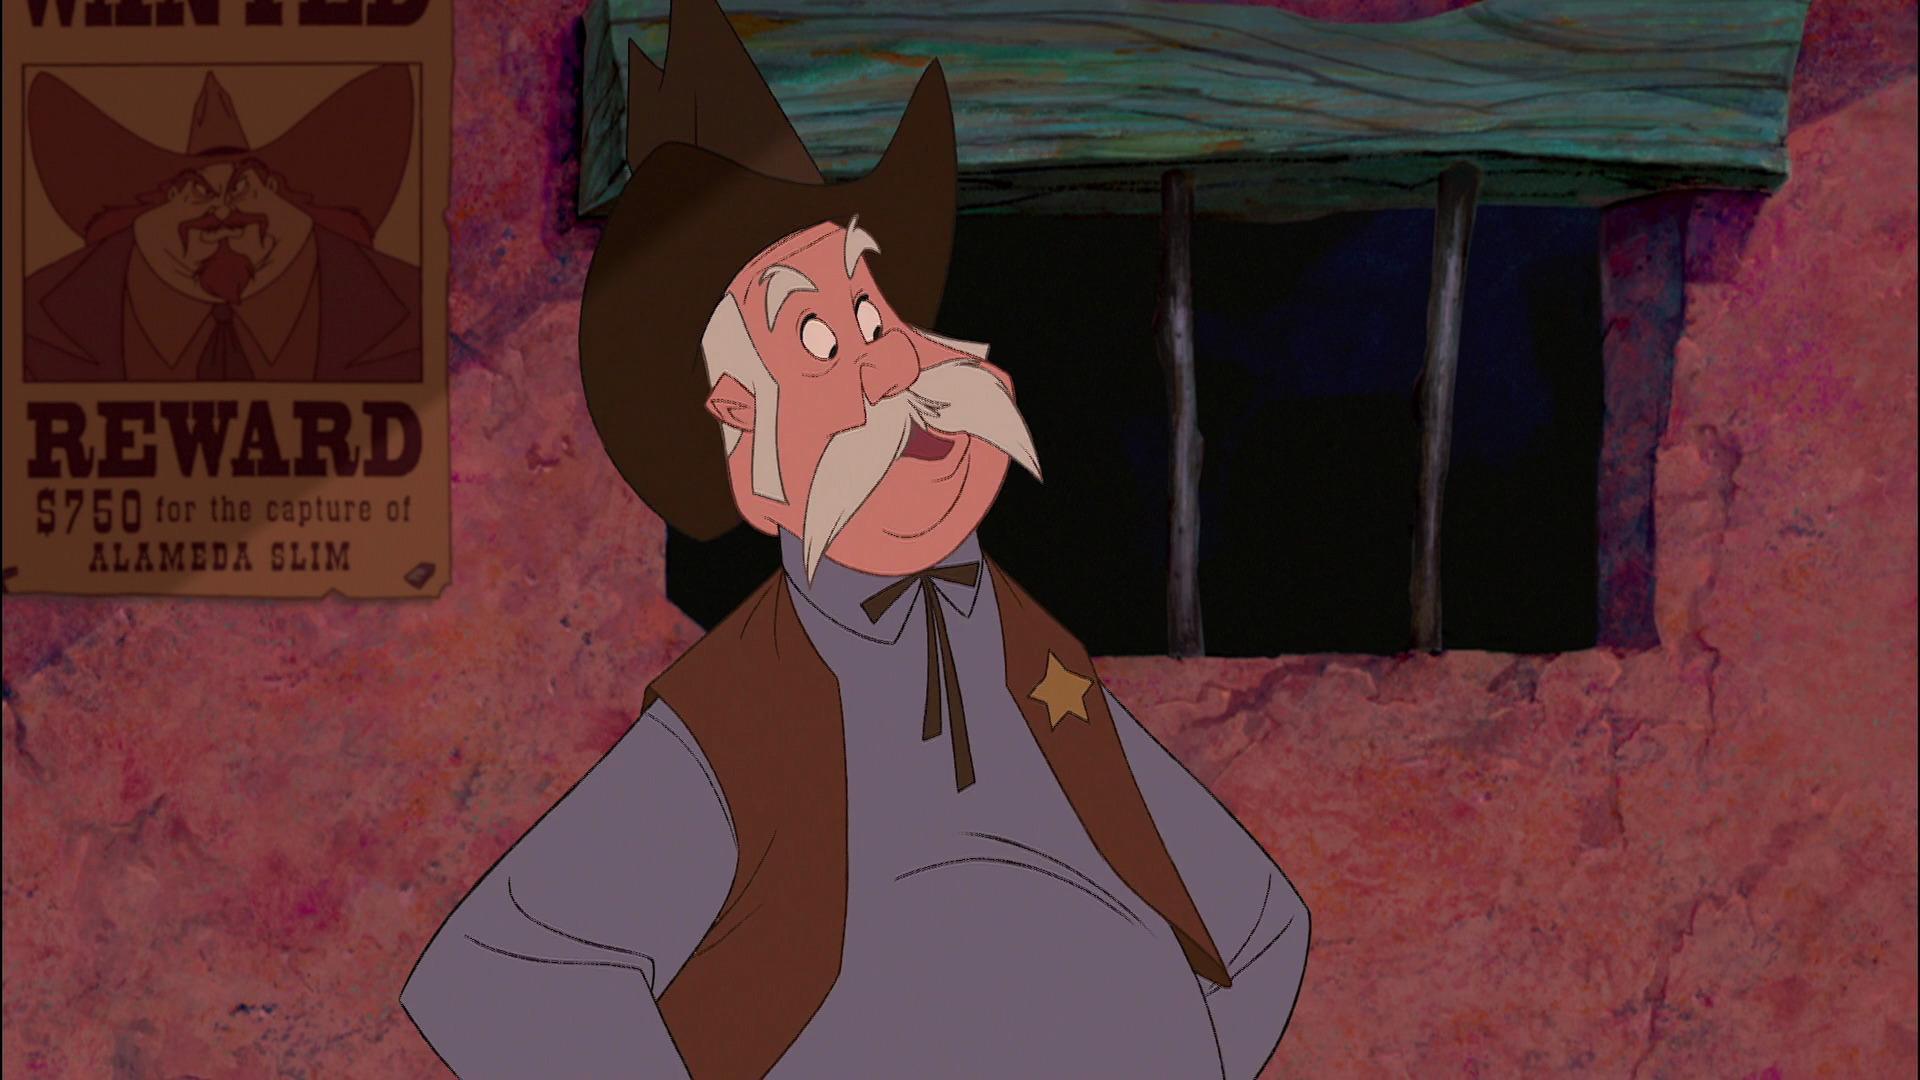 Sheriff Sam